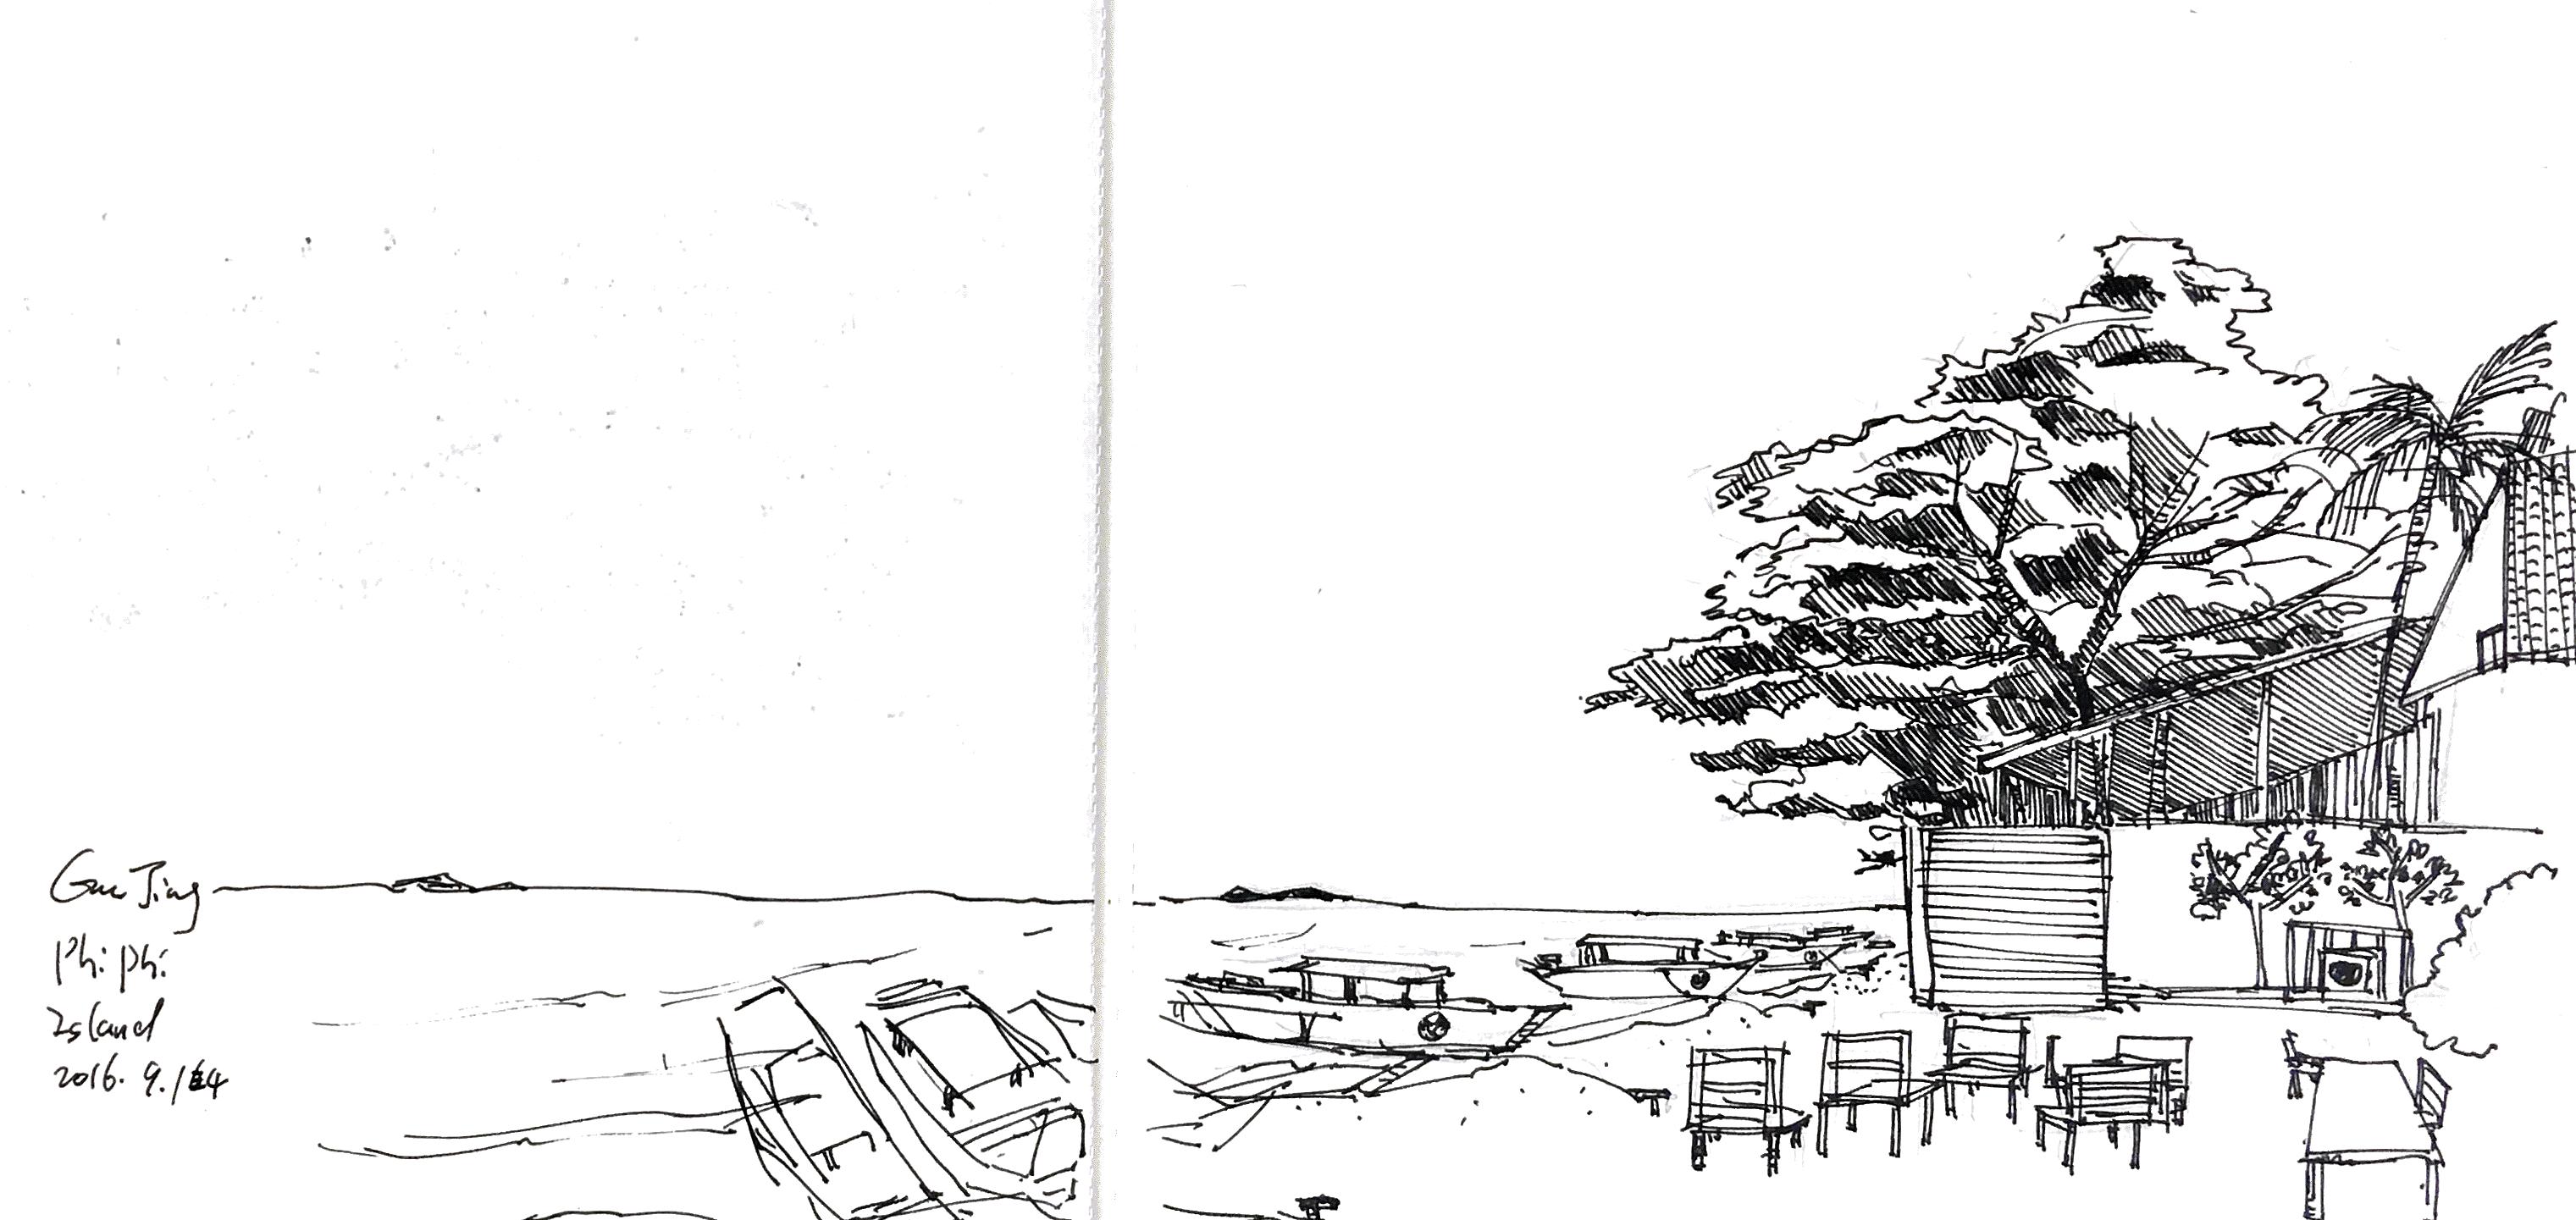 Sketch at Phi Phi island